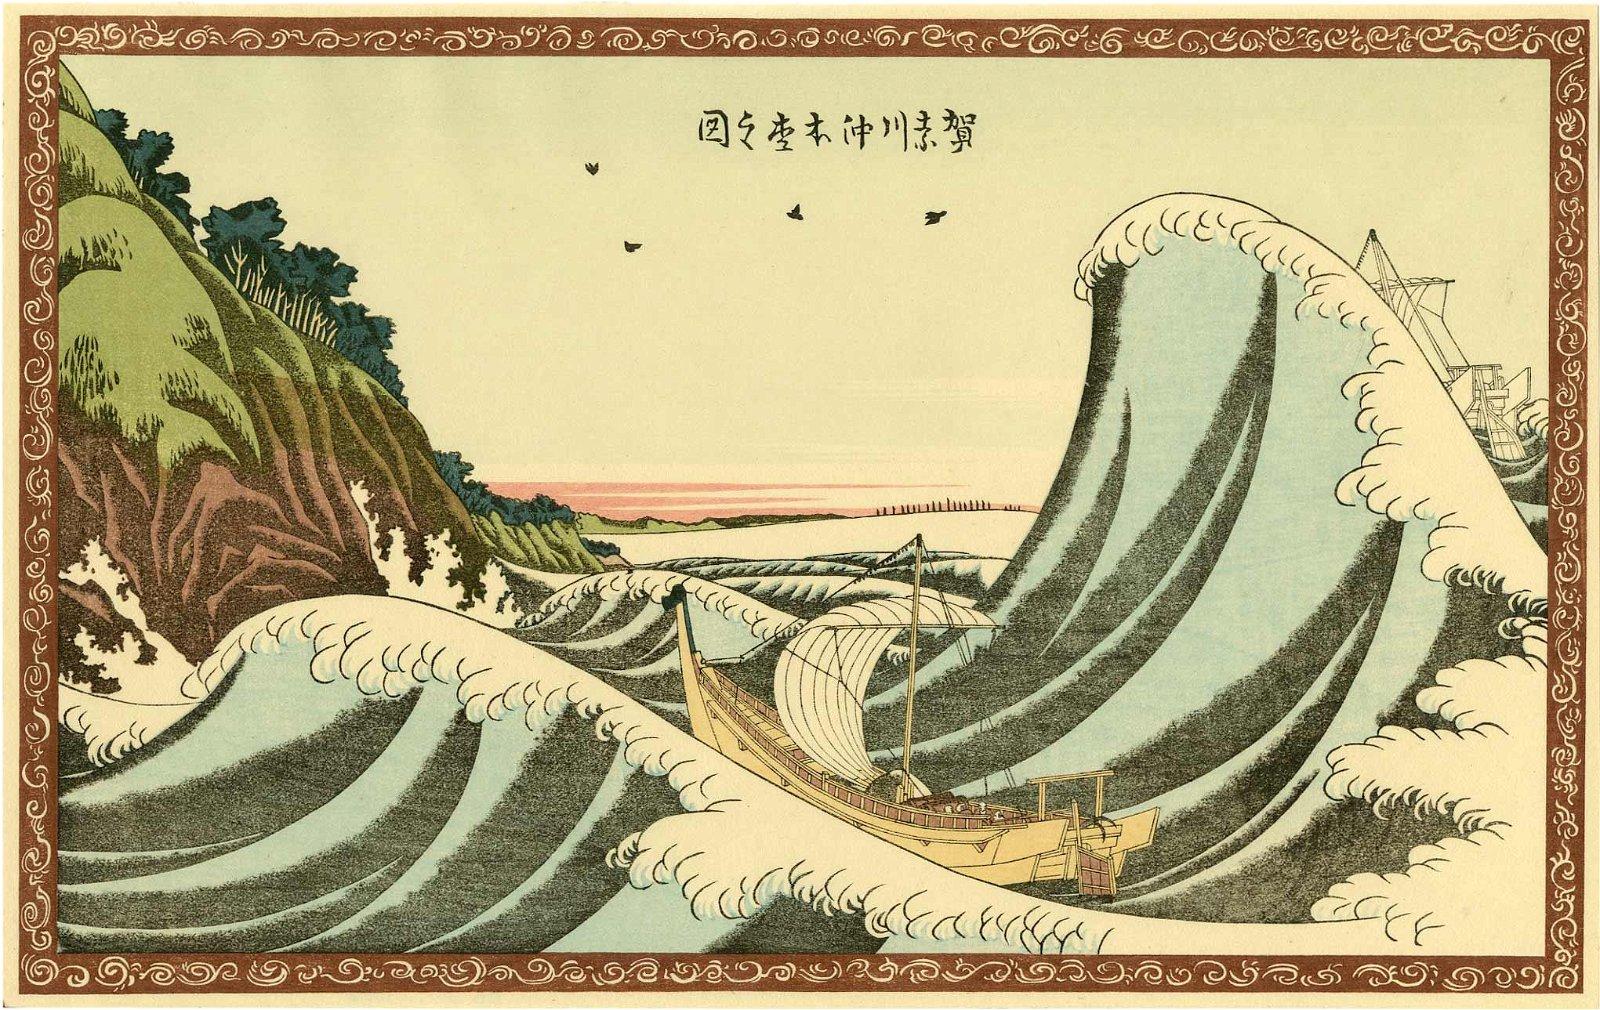 Hokusai: The Original Great Wave Woodblock